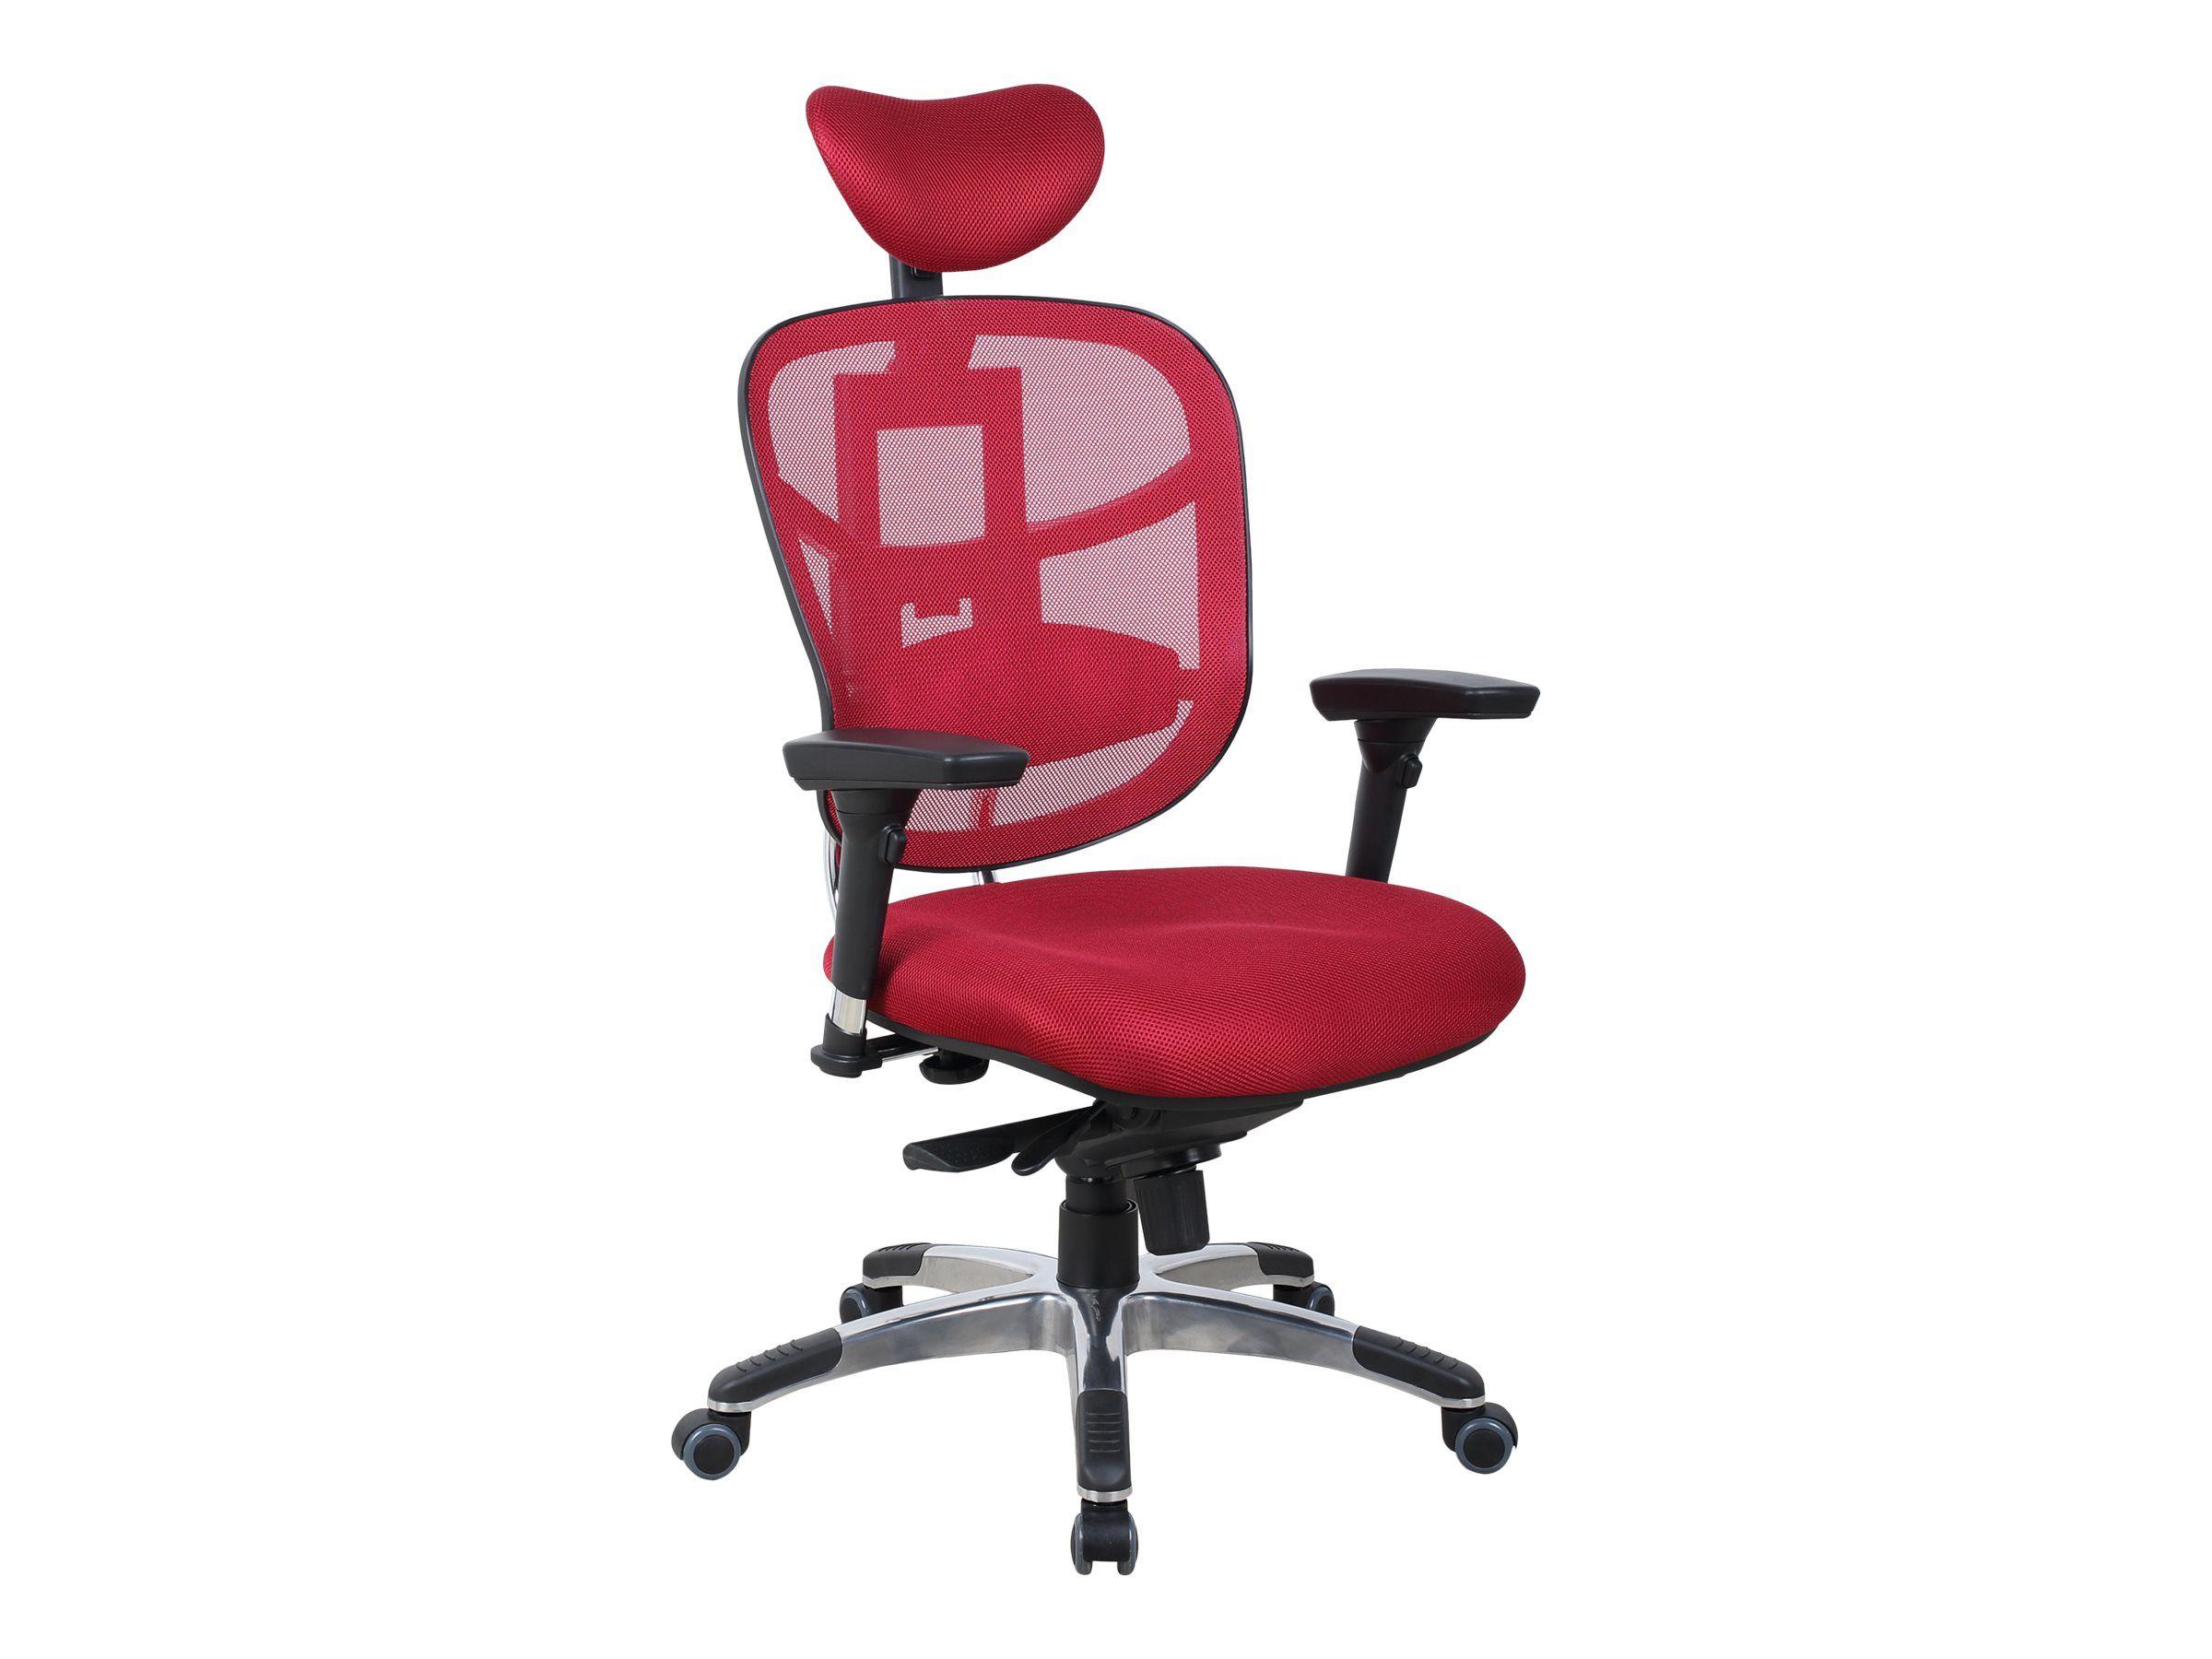 regard détaillé 1899f 1edfb Fauteuil de bureau ergonomique - TECKNET - Appuie-tête - Accoudoirs  réglables - Rouge bordeaux